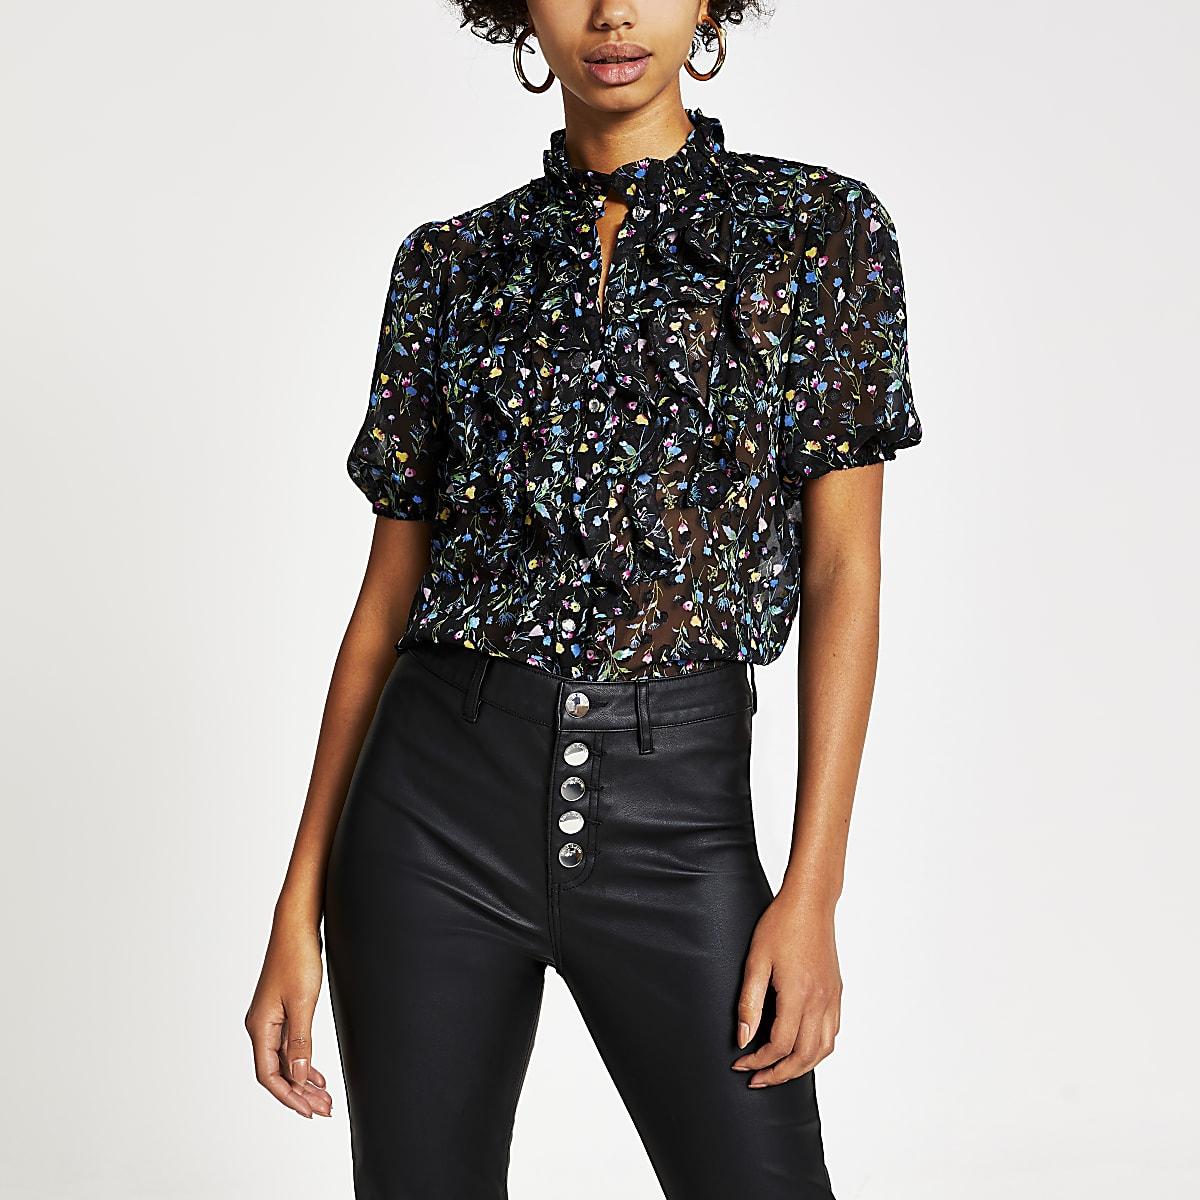 Zwarte blouse met bloemenprint en korte mouwen met ruches